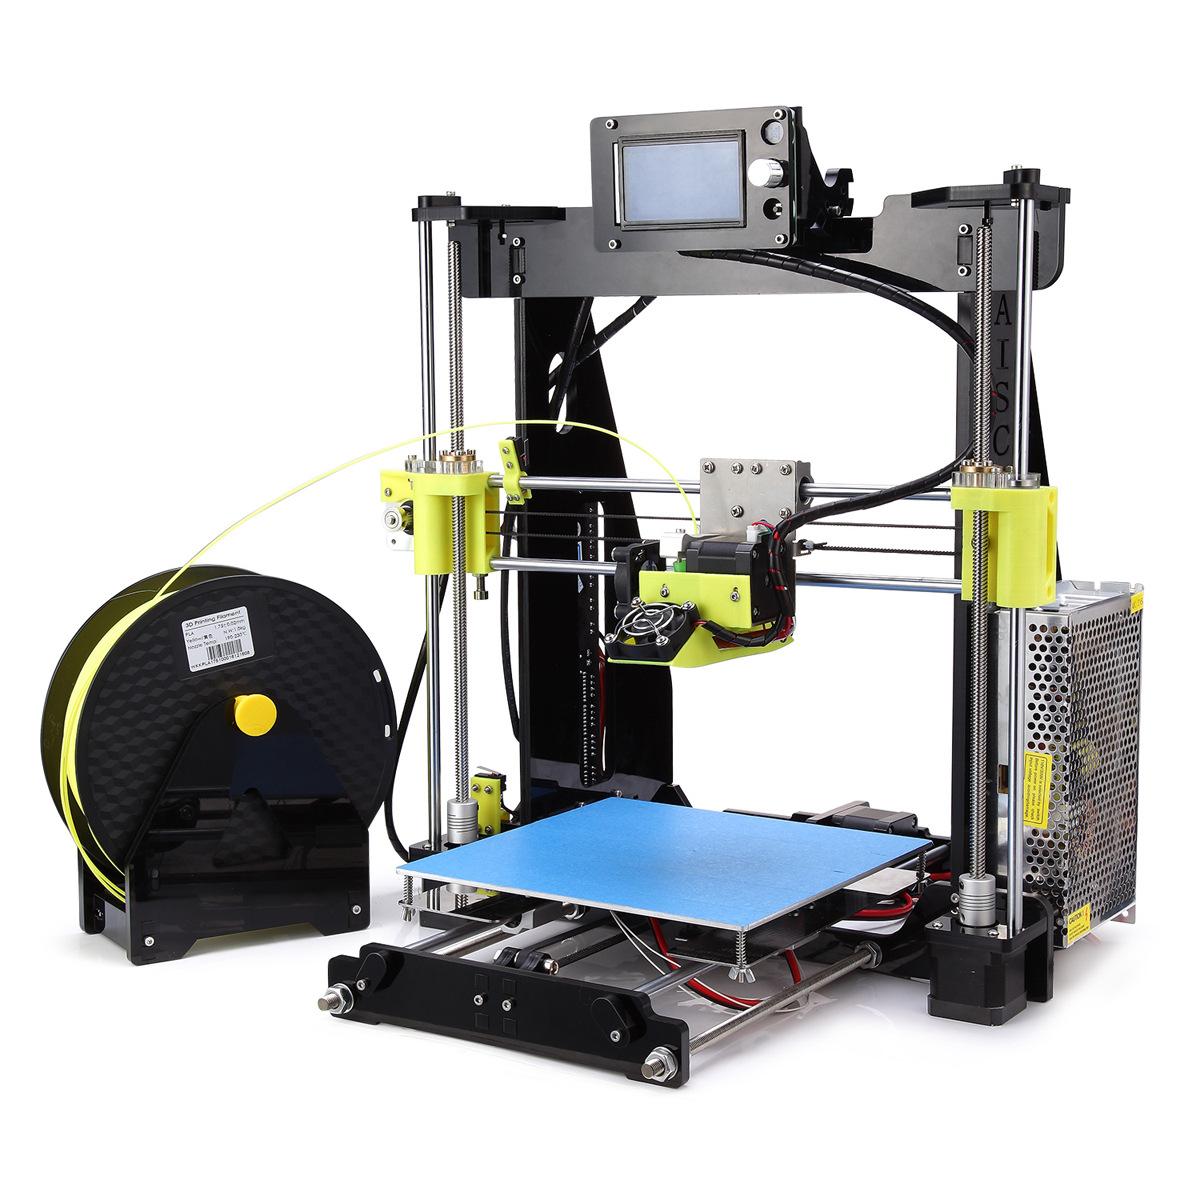 RAISCUBE Máy in 3D Nhà máy in 3D bán hàng trực tiếp 3D in nhanh Số lượng lớn